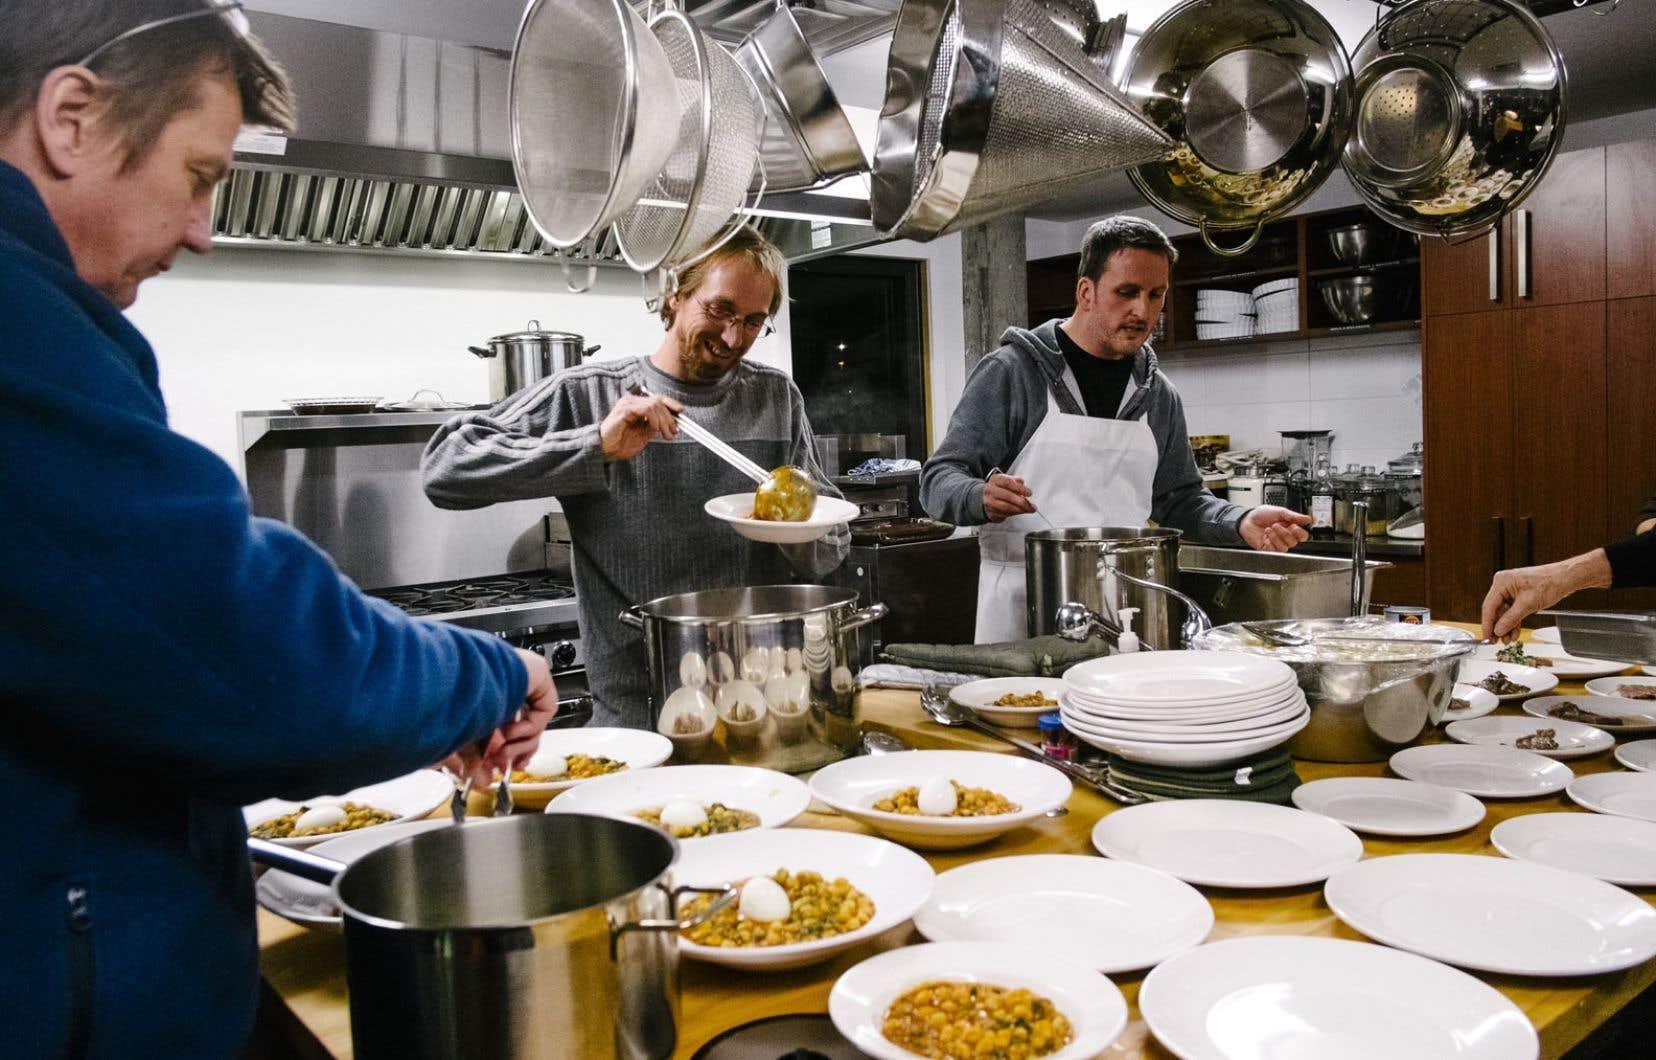 Dans un Cohabitat, les résidants partagent une grande cuisine où ils préparent les repas collectifs hebdomadaires.